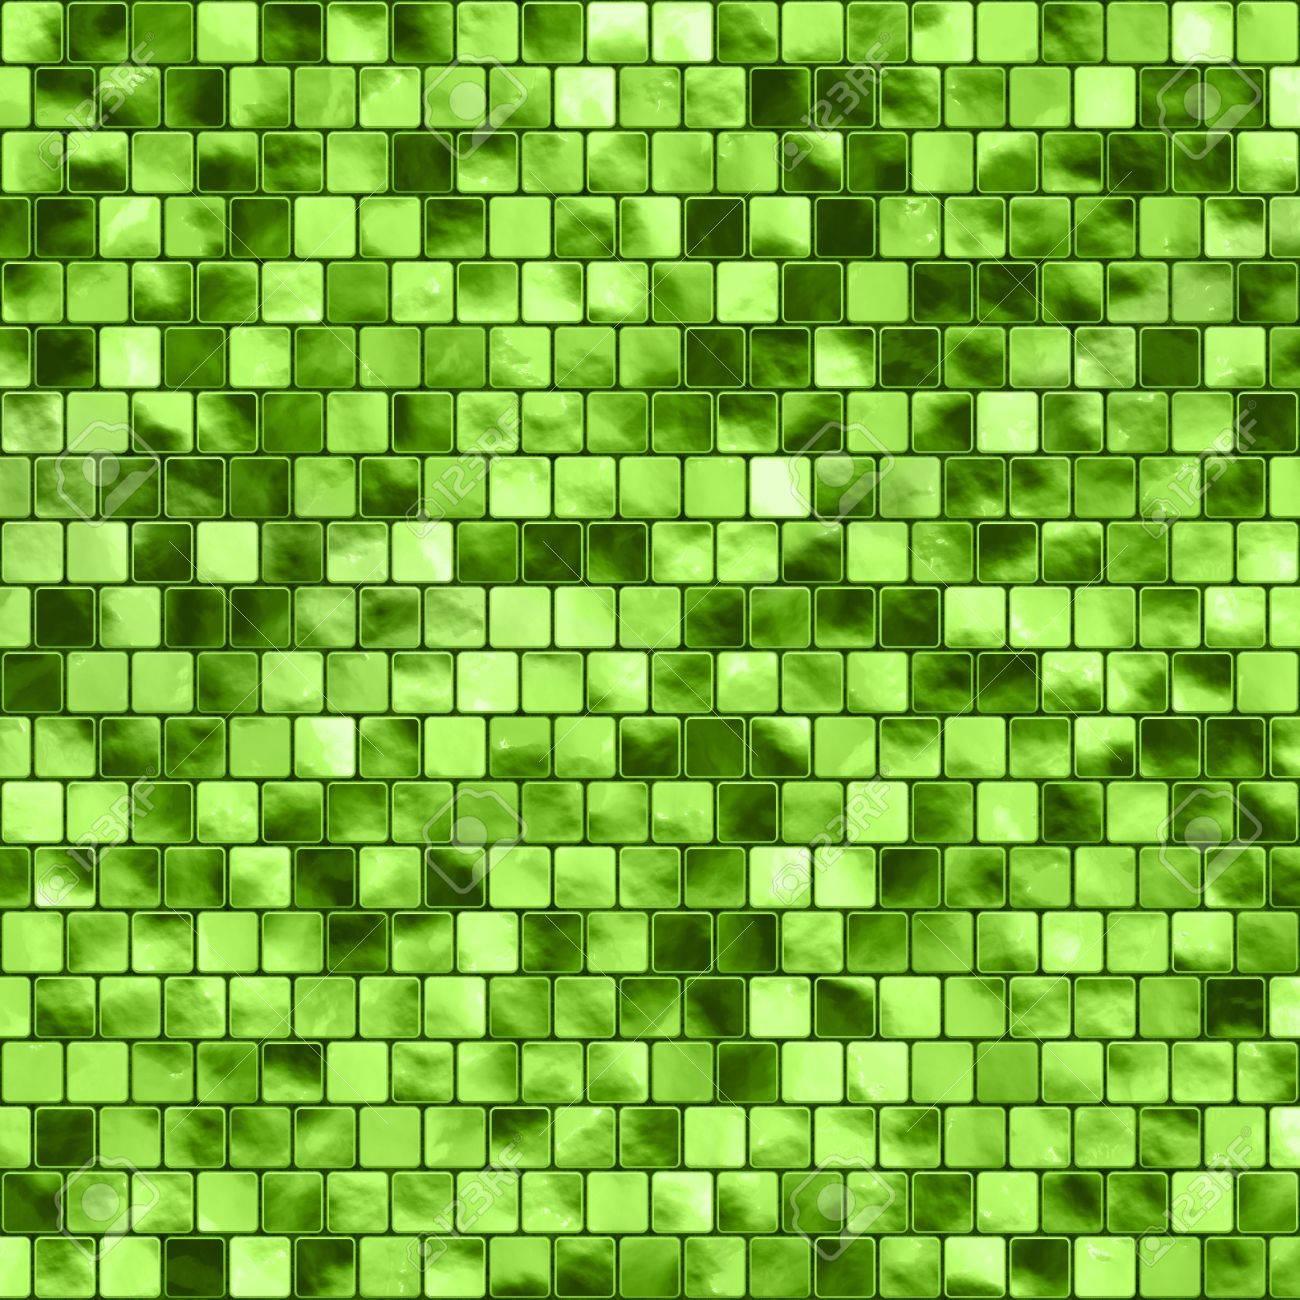 Mosaikfliesen grün  Grün Mosaik Fliesen Lizenzfreie Fotos, Bilder Und Stock Fotografie ...